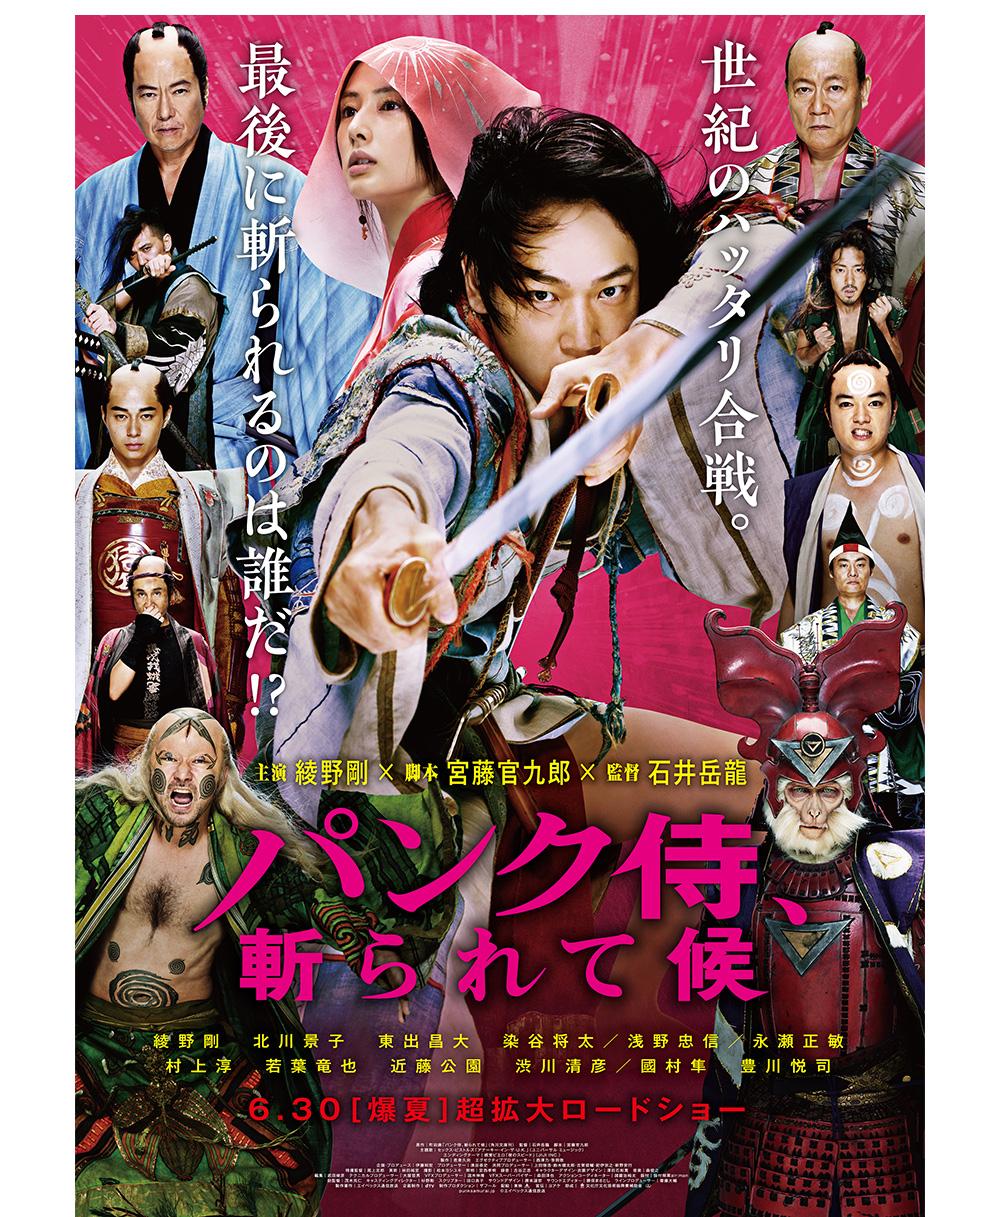 2018年6月30日(土)公開『パンク侍、斬られて候』